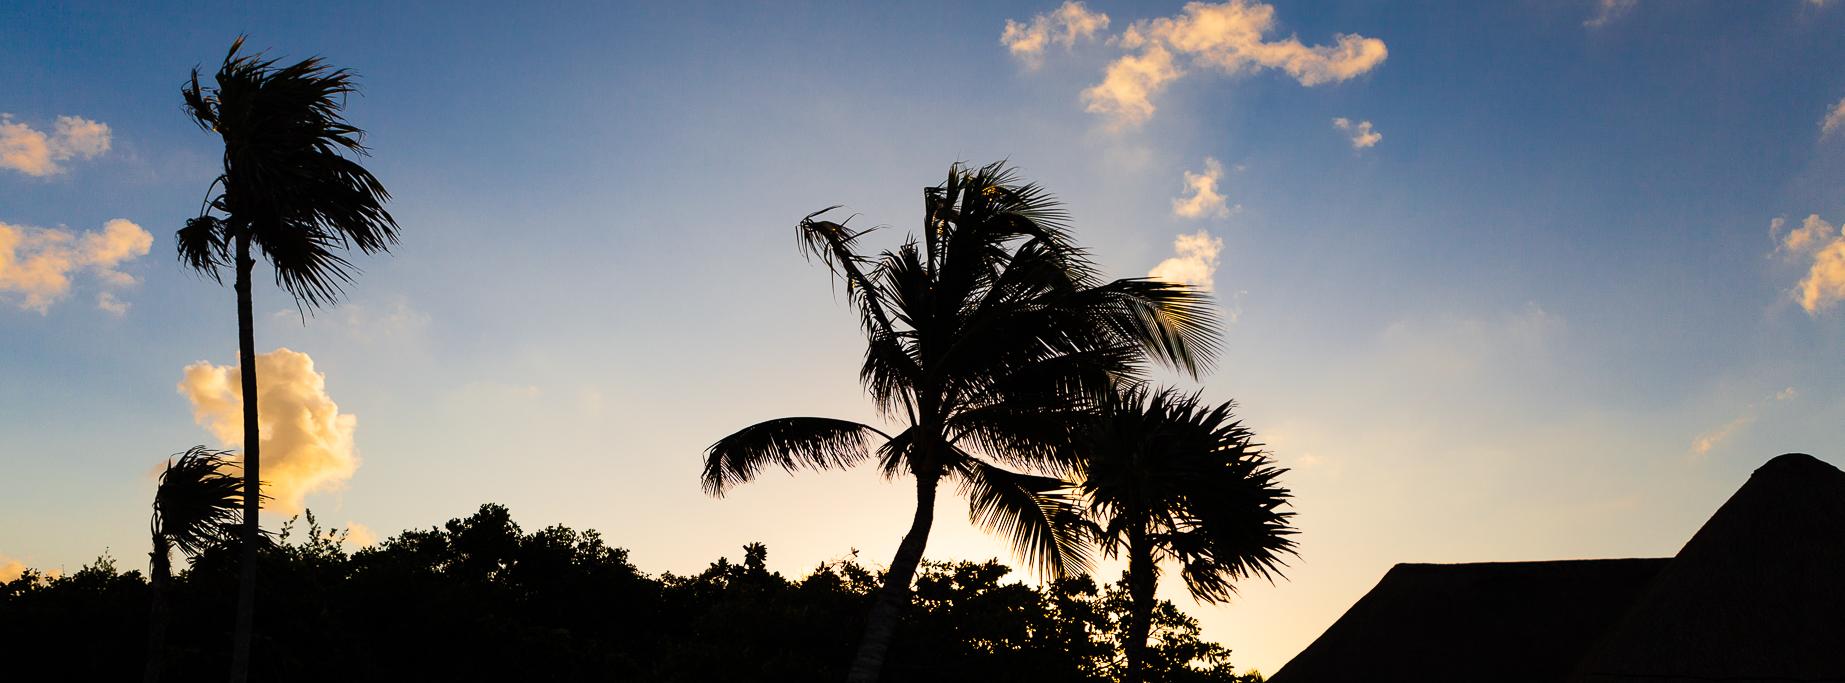 Karibik_2613-3_sky_01